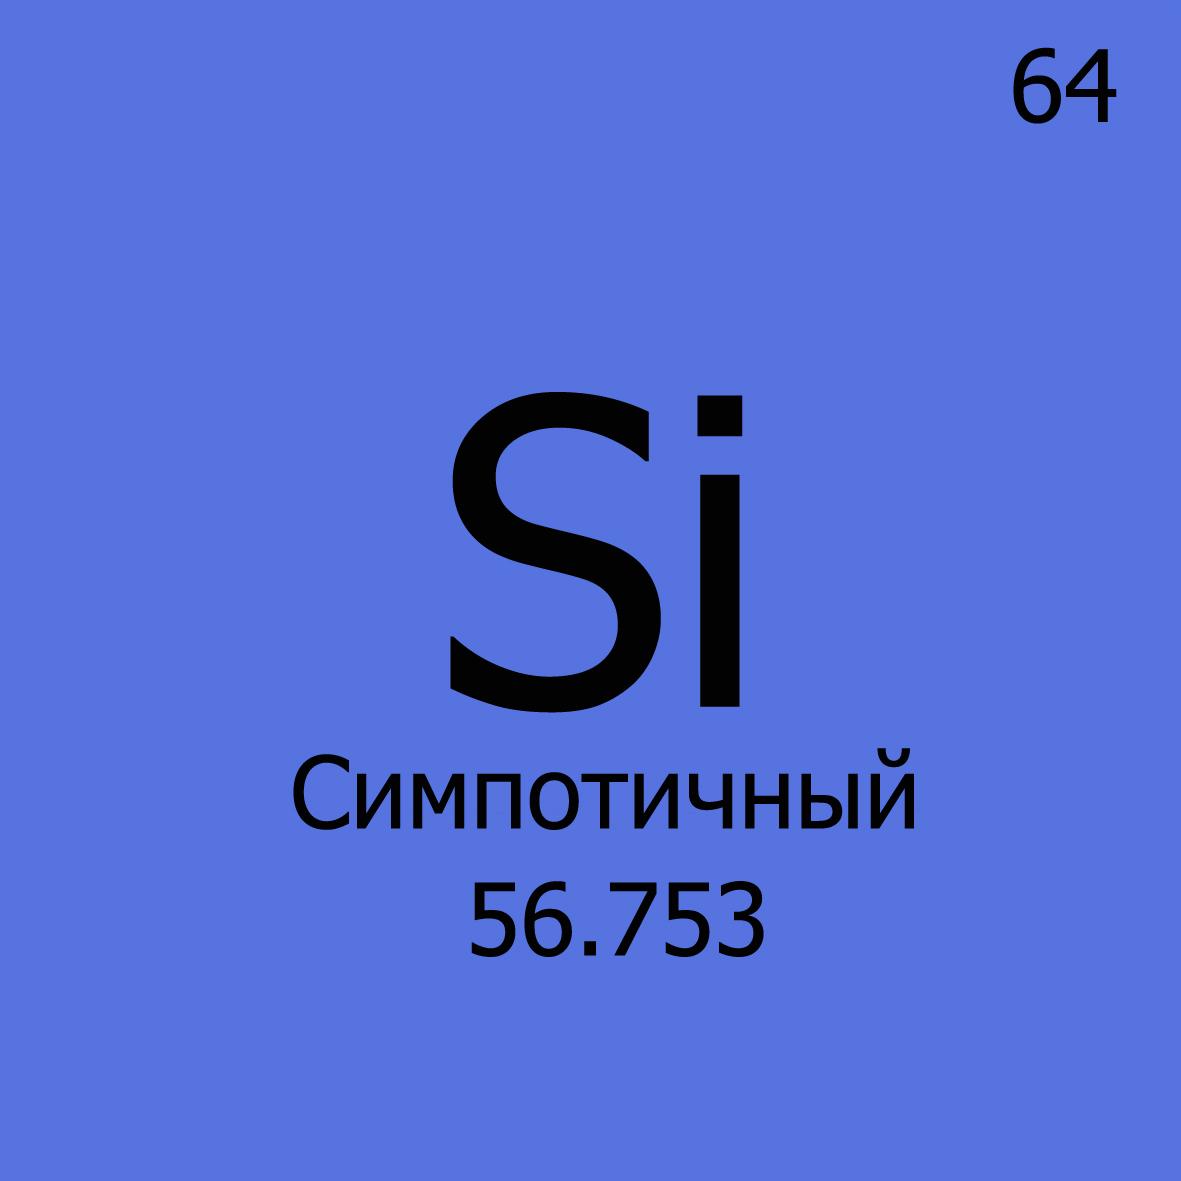 1460457621-f871d43fbf35230ff49e551f5610ea16